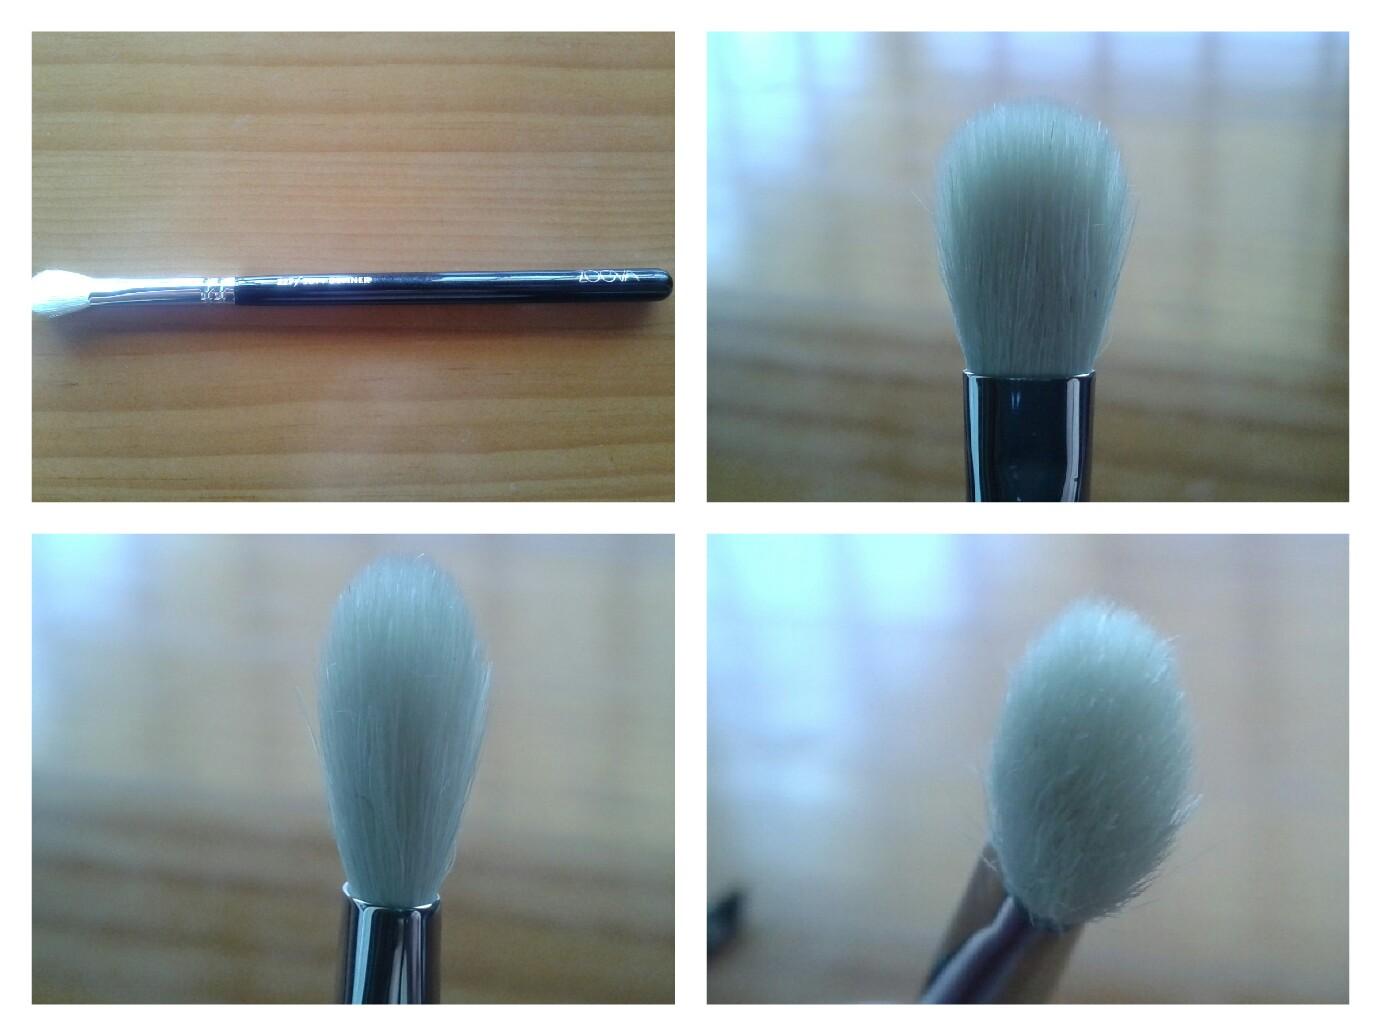 haul-reseña-review-opinion-blog-belleza-brochas-y-pinceles-zoeva-brocha-pincel-227-zoeva-clon- MAC